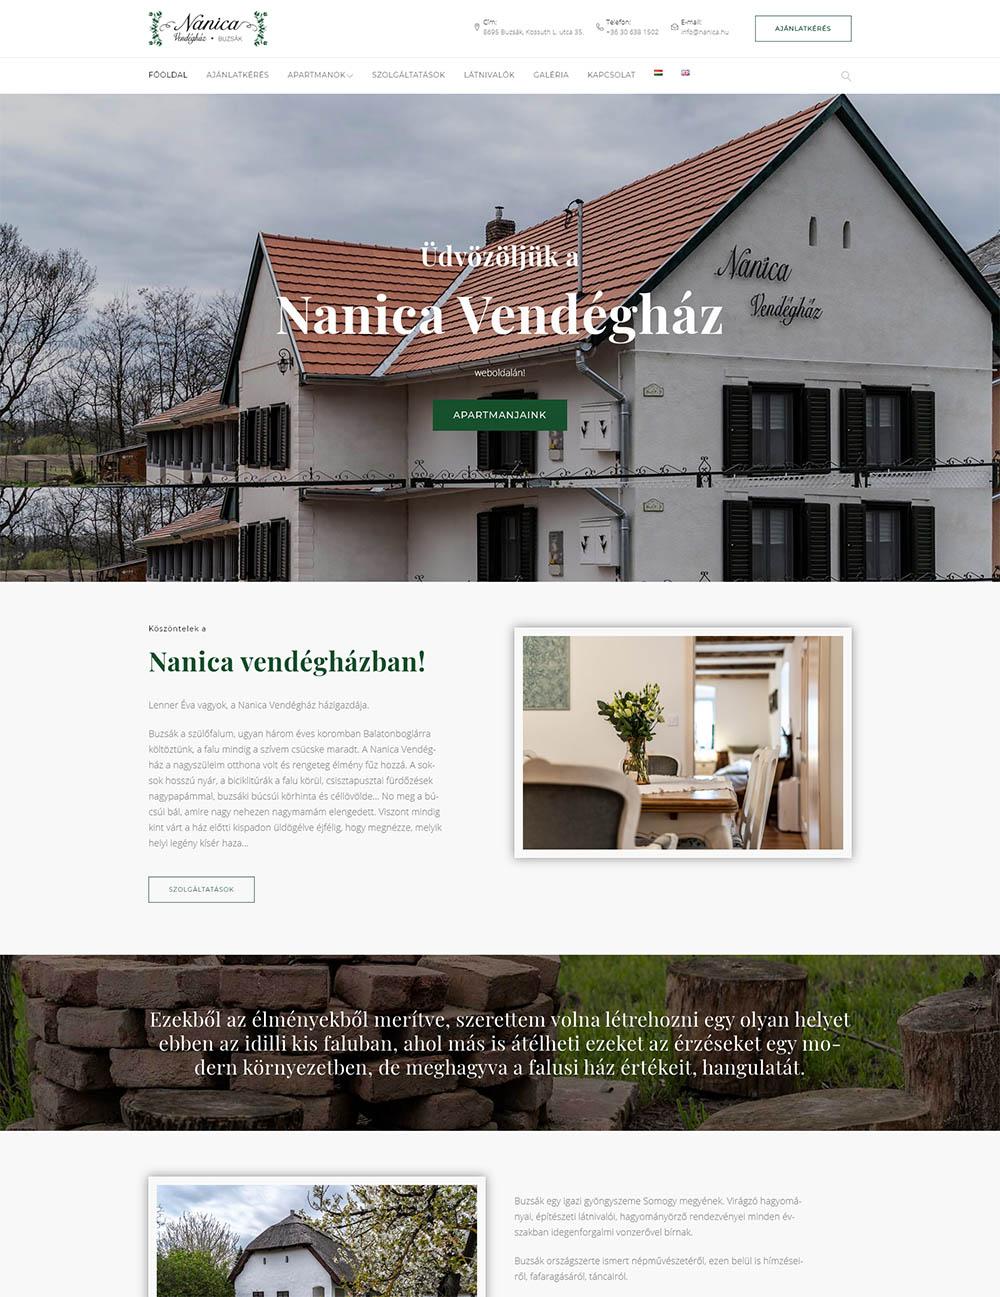 Nanica vendégház